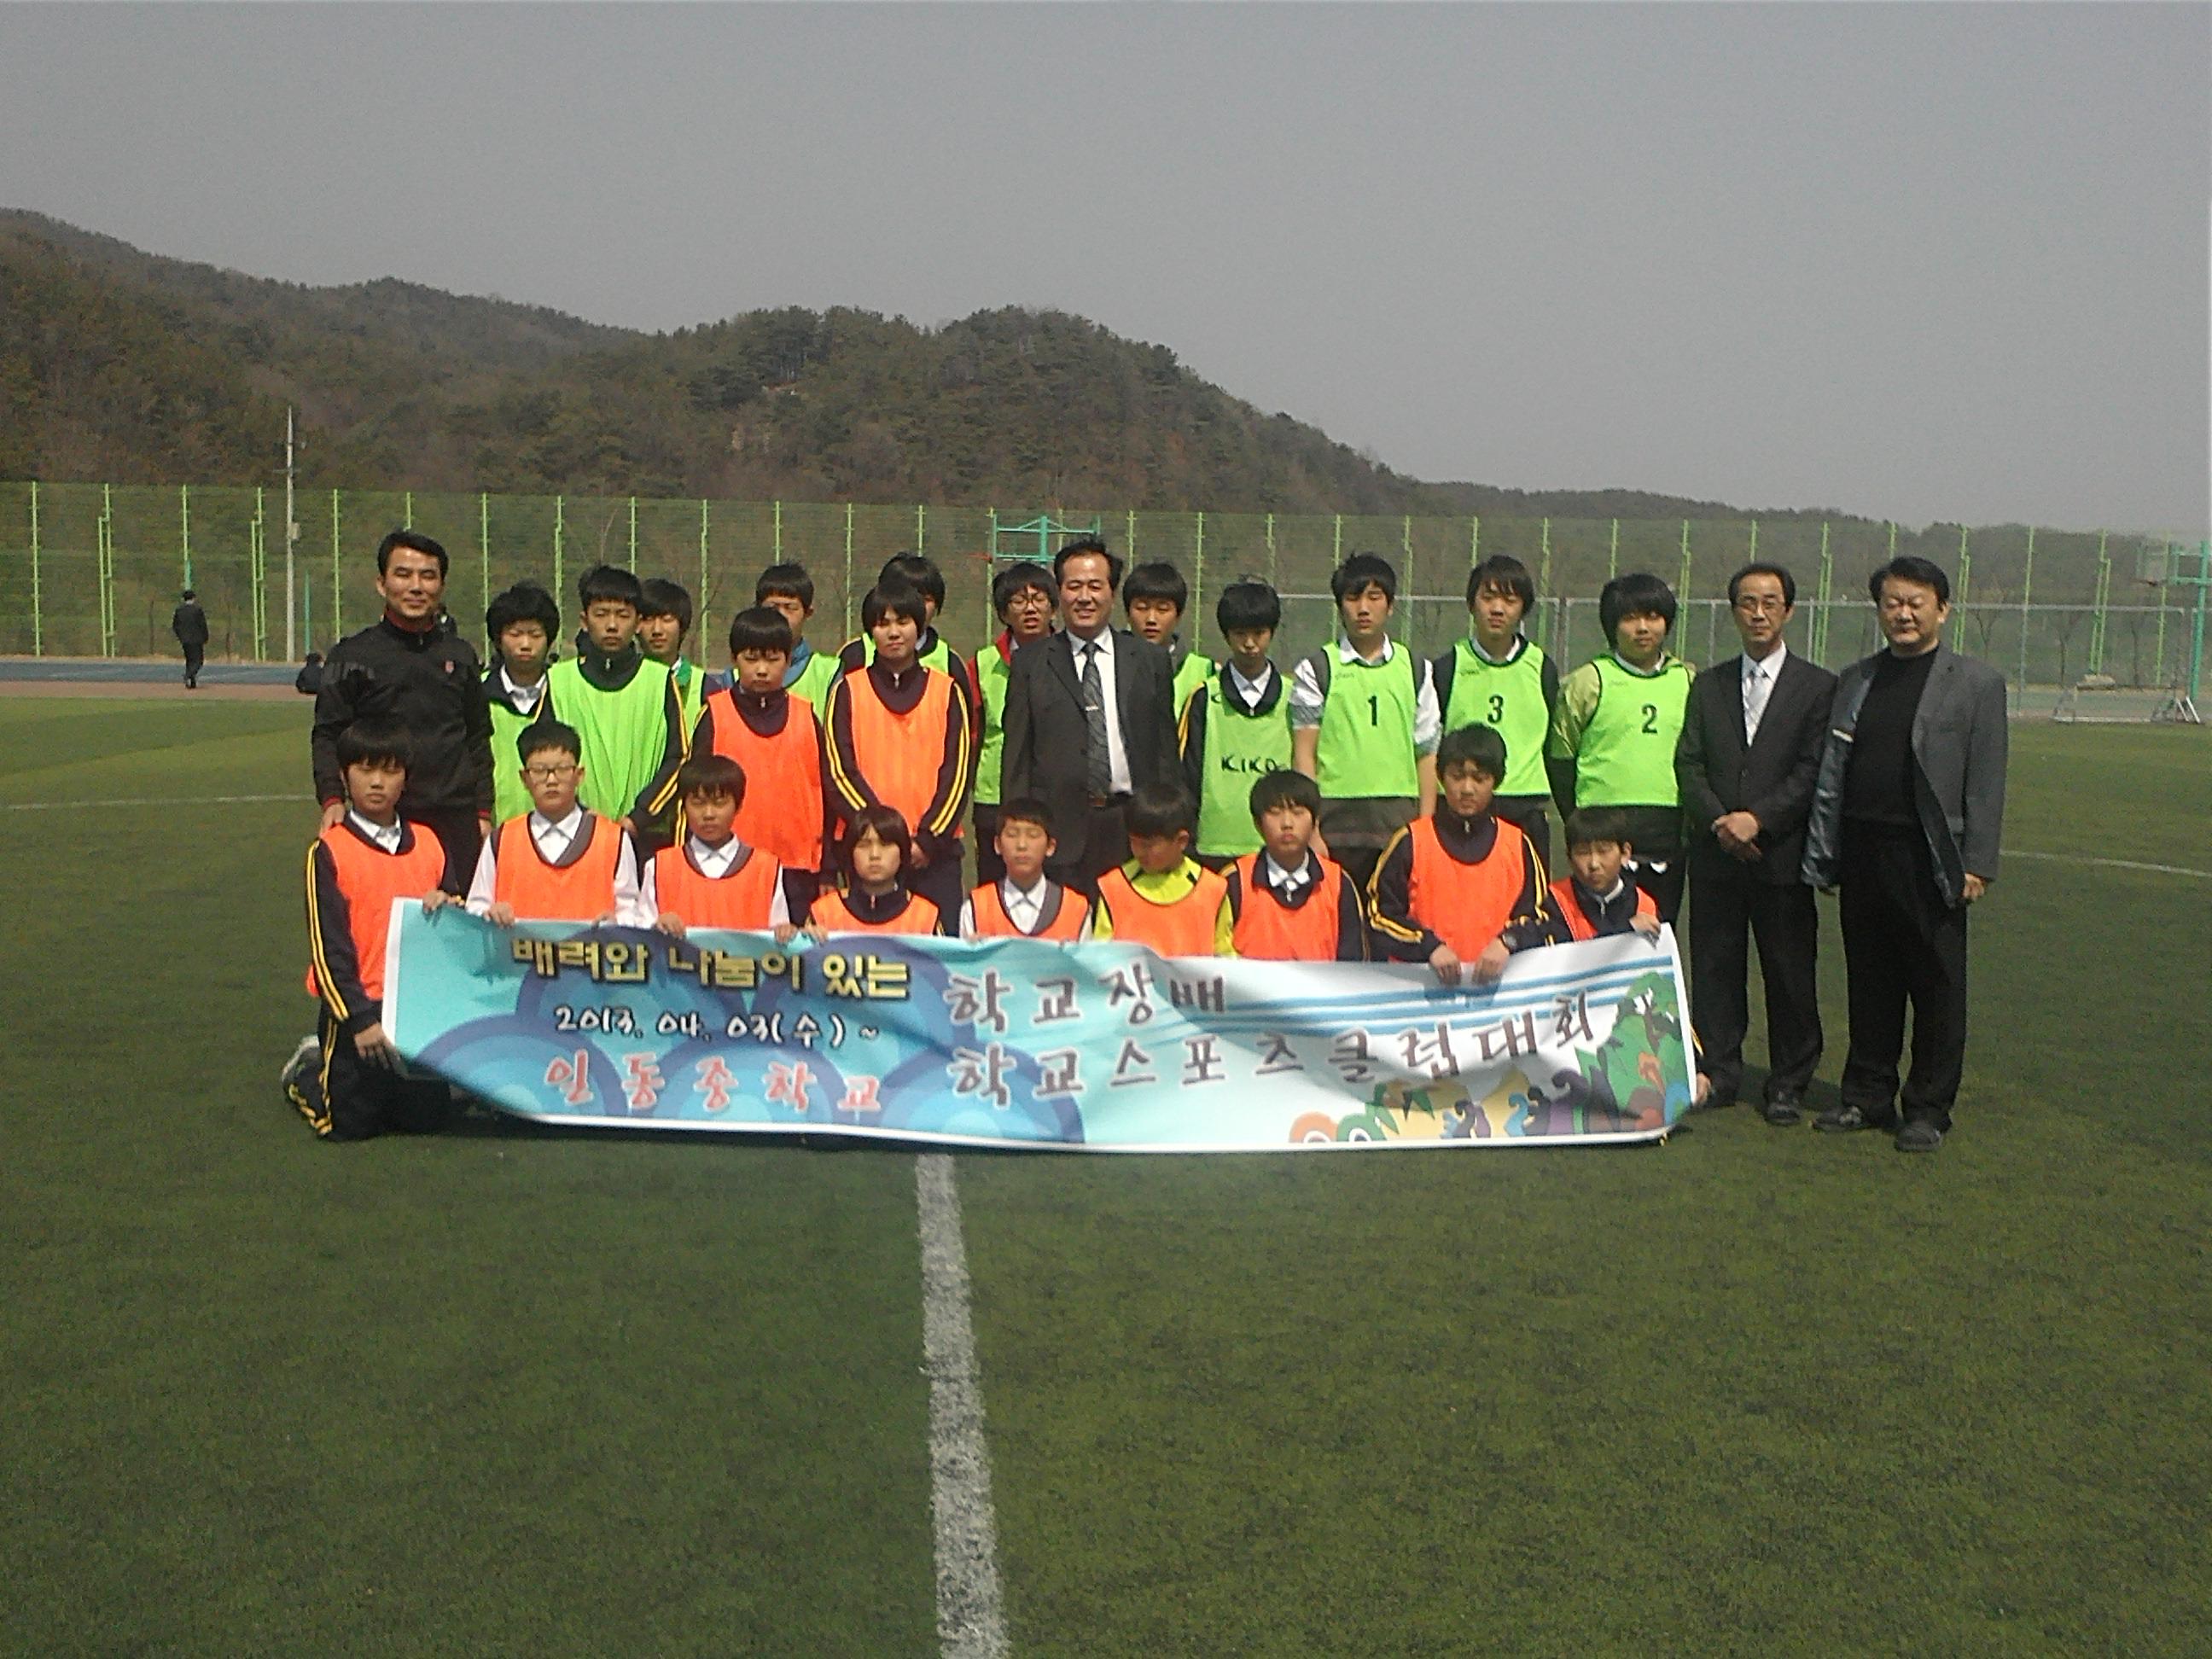 [일반] 배려와 나눔이 있는 2013학교장배 학교스포츠클럽대회의 첨부이미지 1